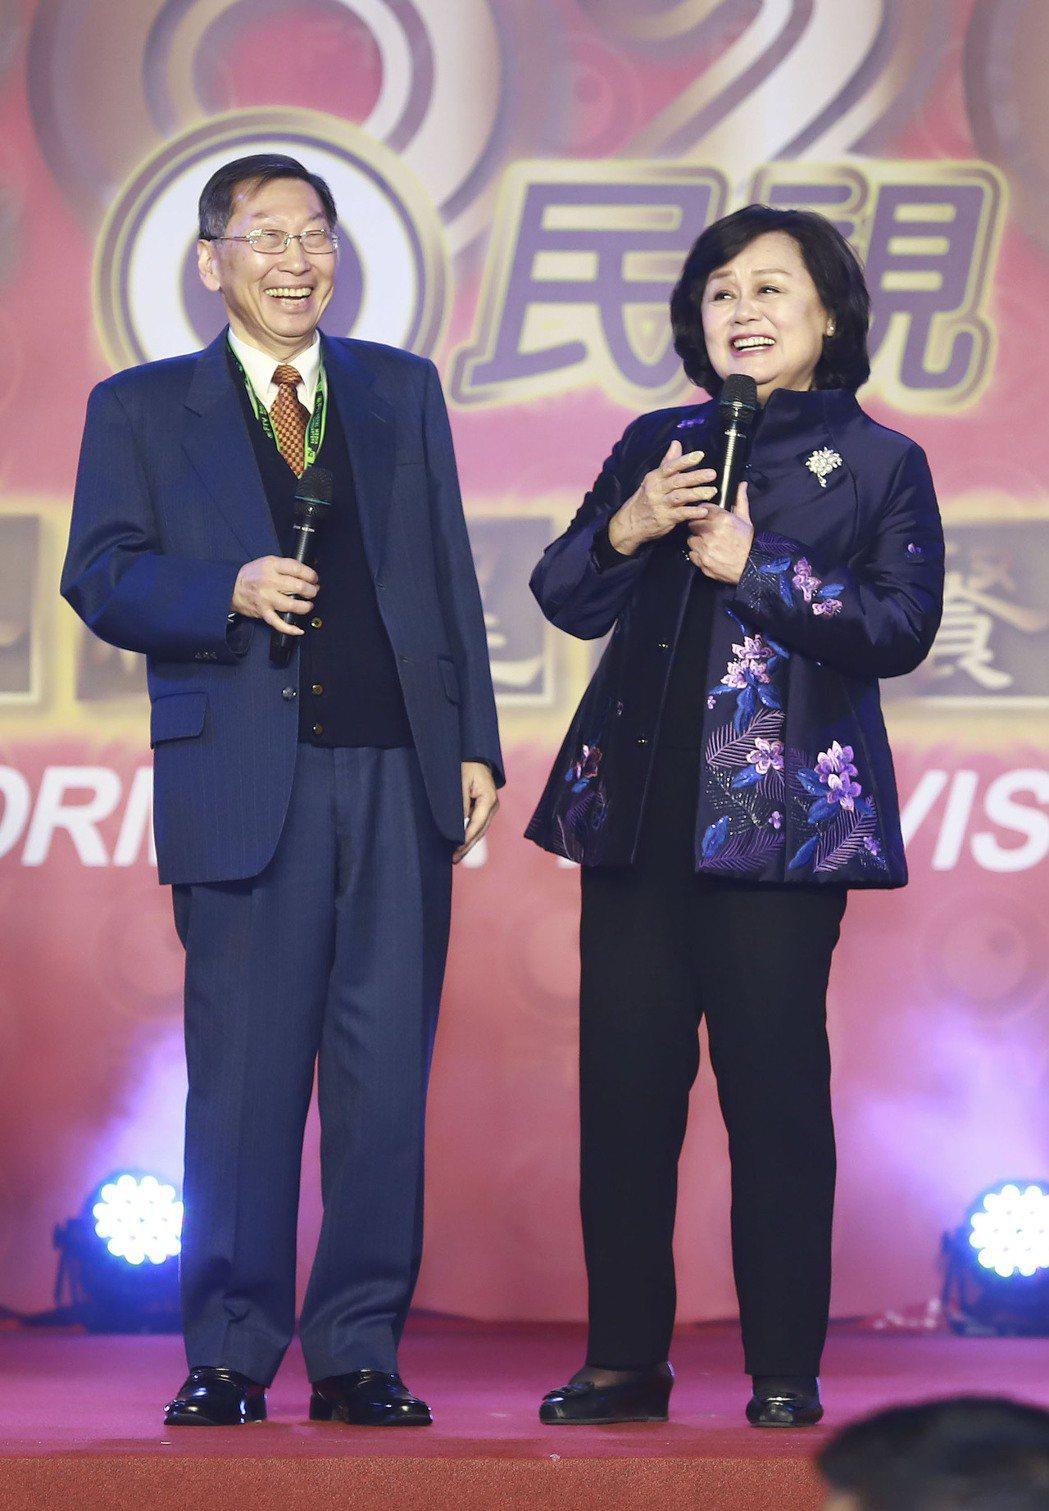 2020年民視尾牙,民視總經理廖季方(左)與董事長王明玉致詞。圖/民視提供